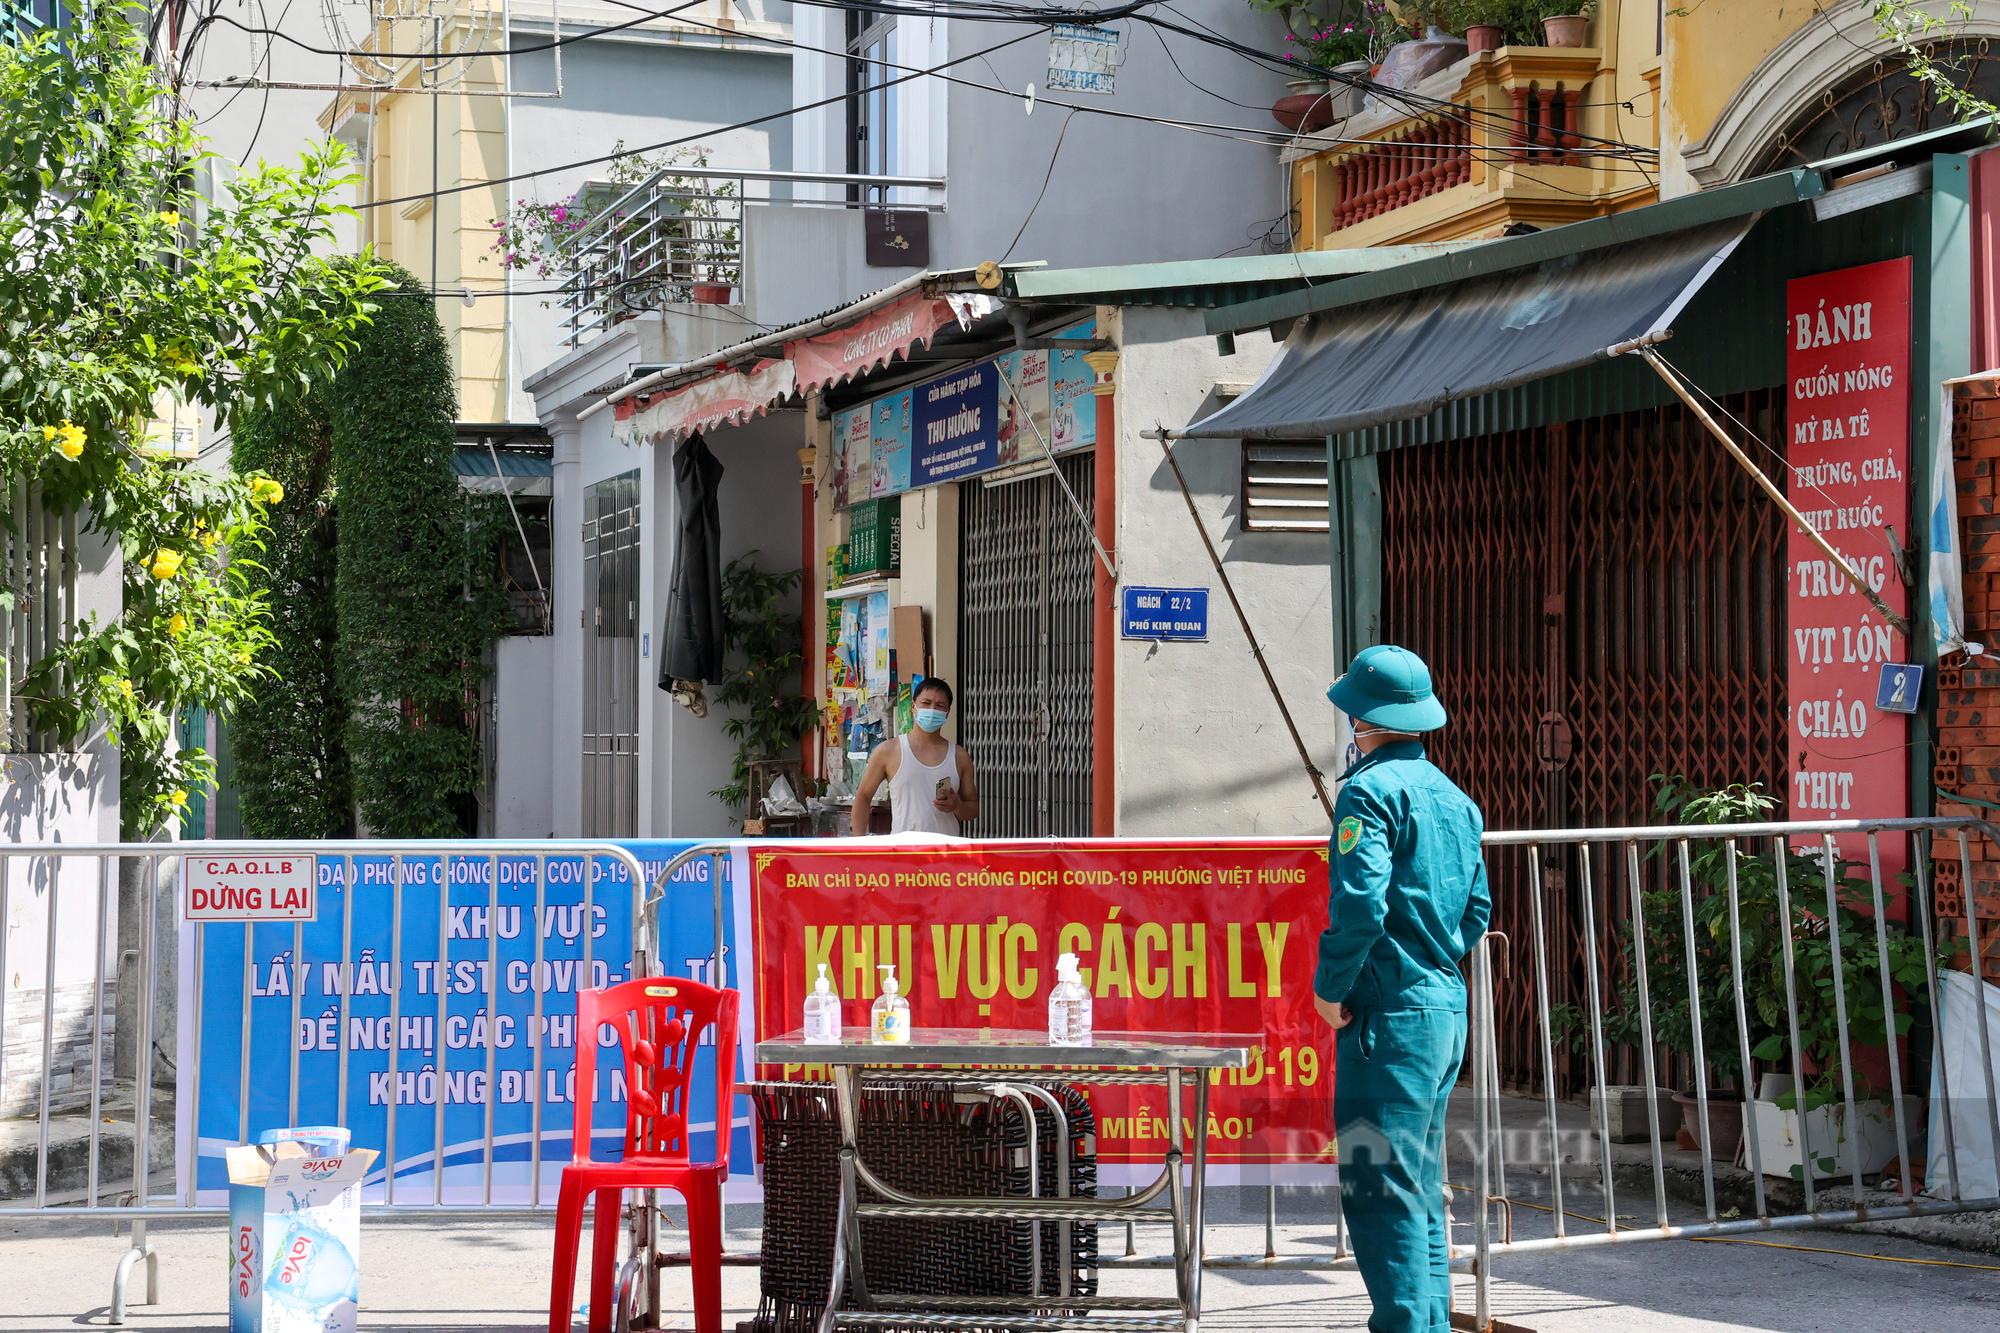 Hà Nội: Công nhân nhà máy xe lửa Gia Lâm dương tính SARS-CoV-2 - Ảnh 1.